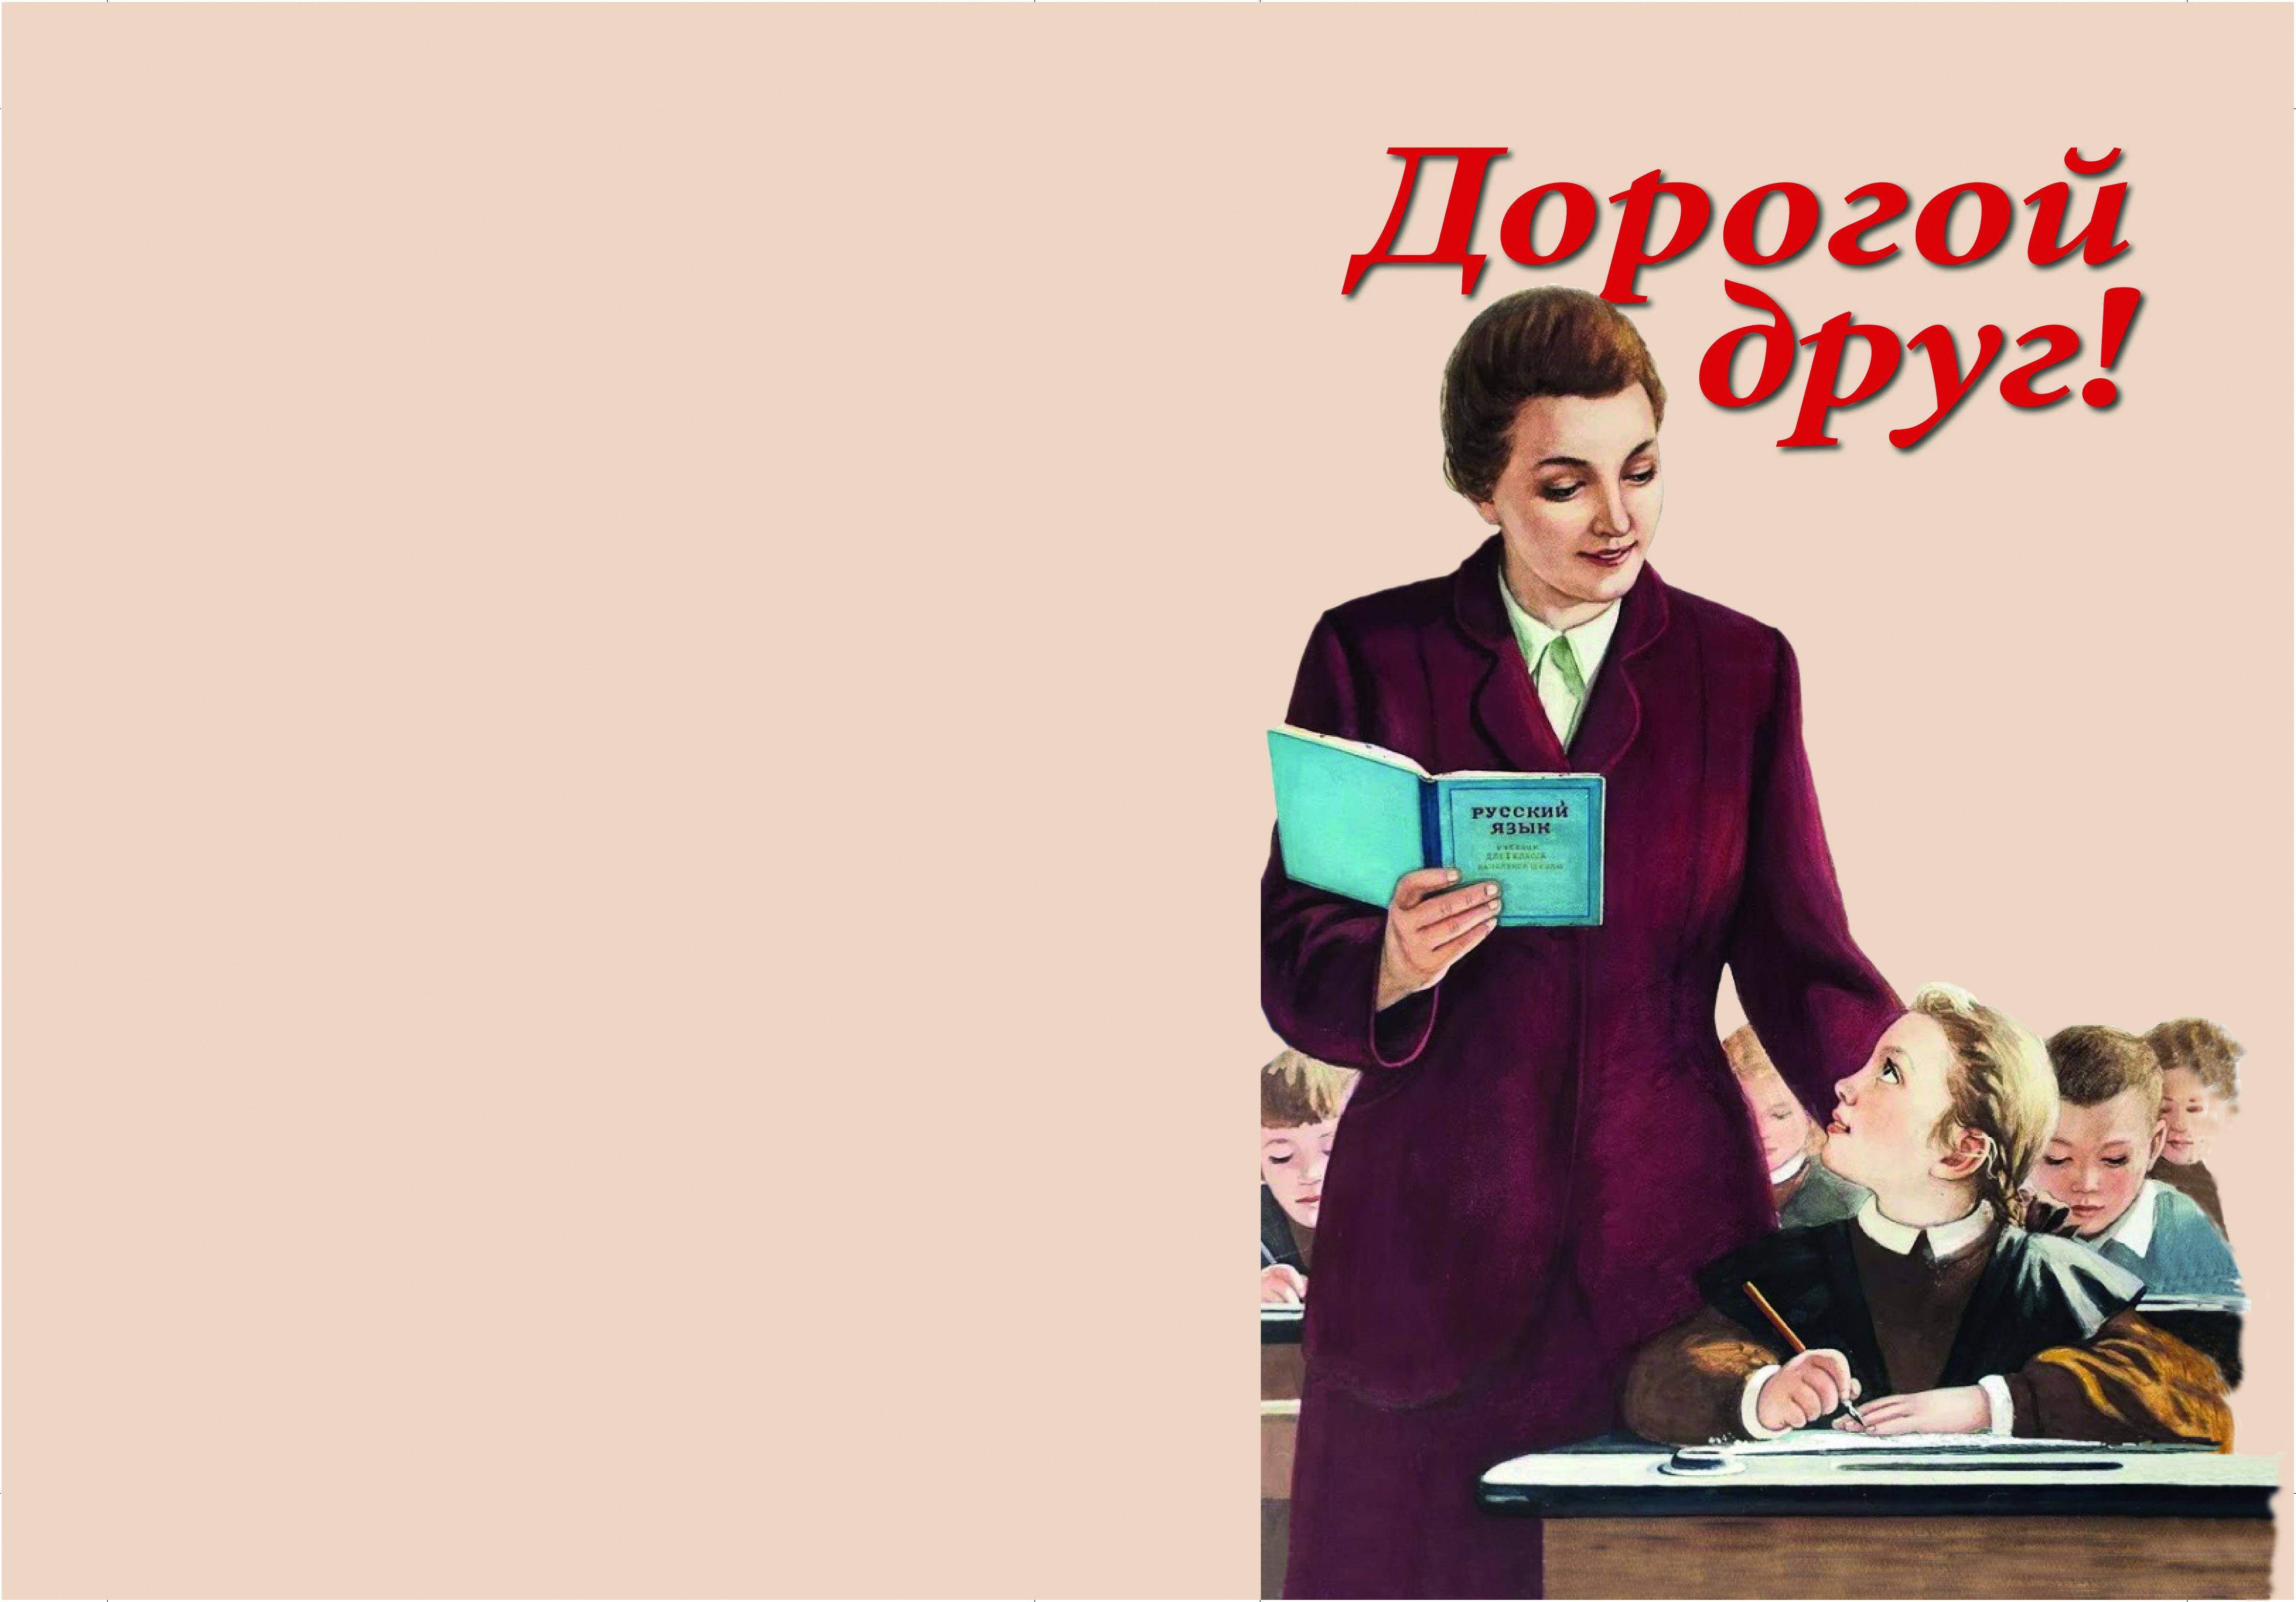 Учебные тексты и профессионально-политическая социализация школьных учителей 1950-х годов.